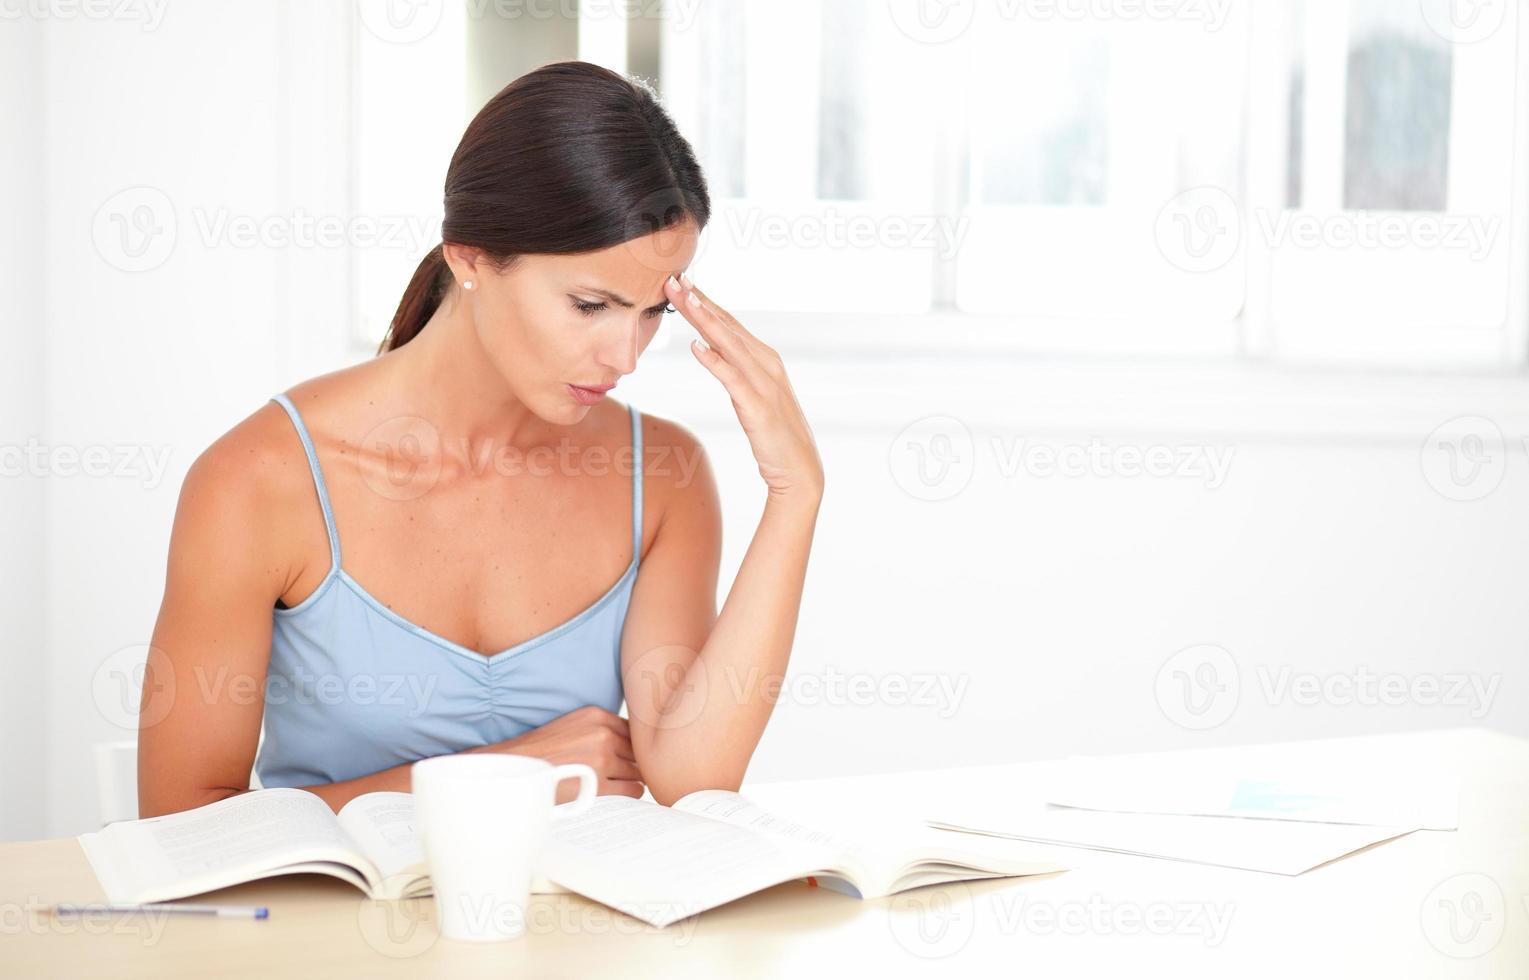 jolie femme se concentrant dans la lecture de livres photo